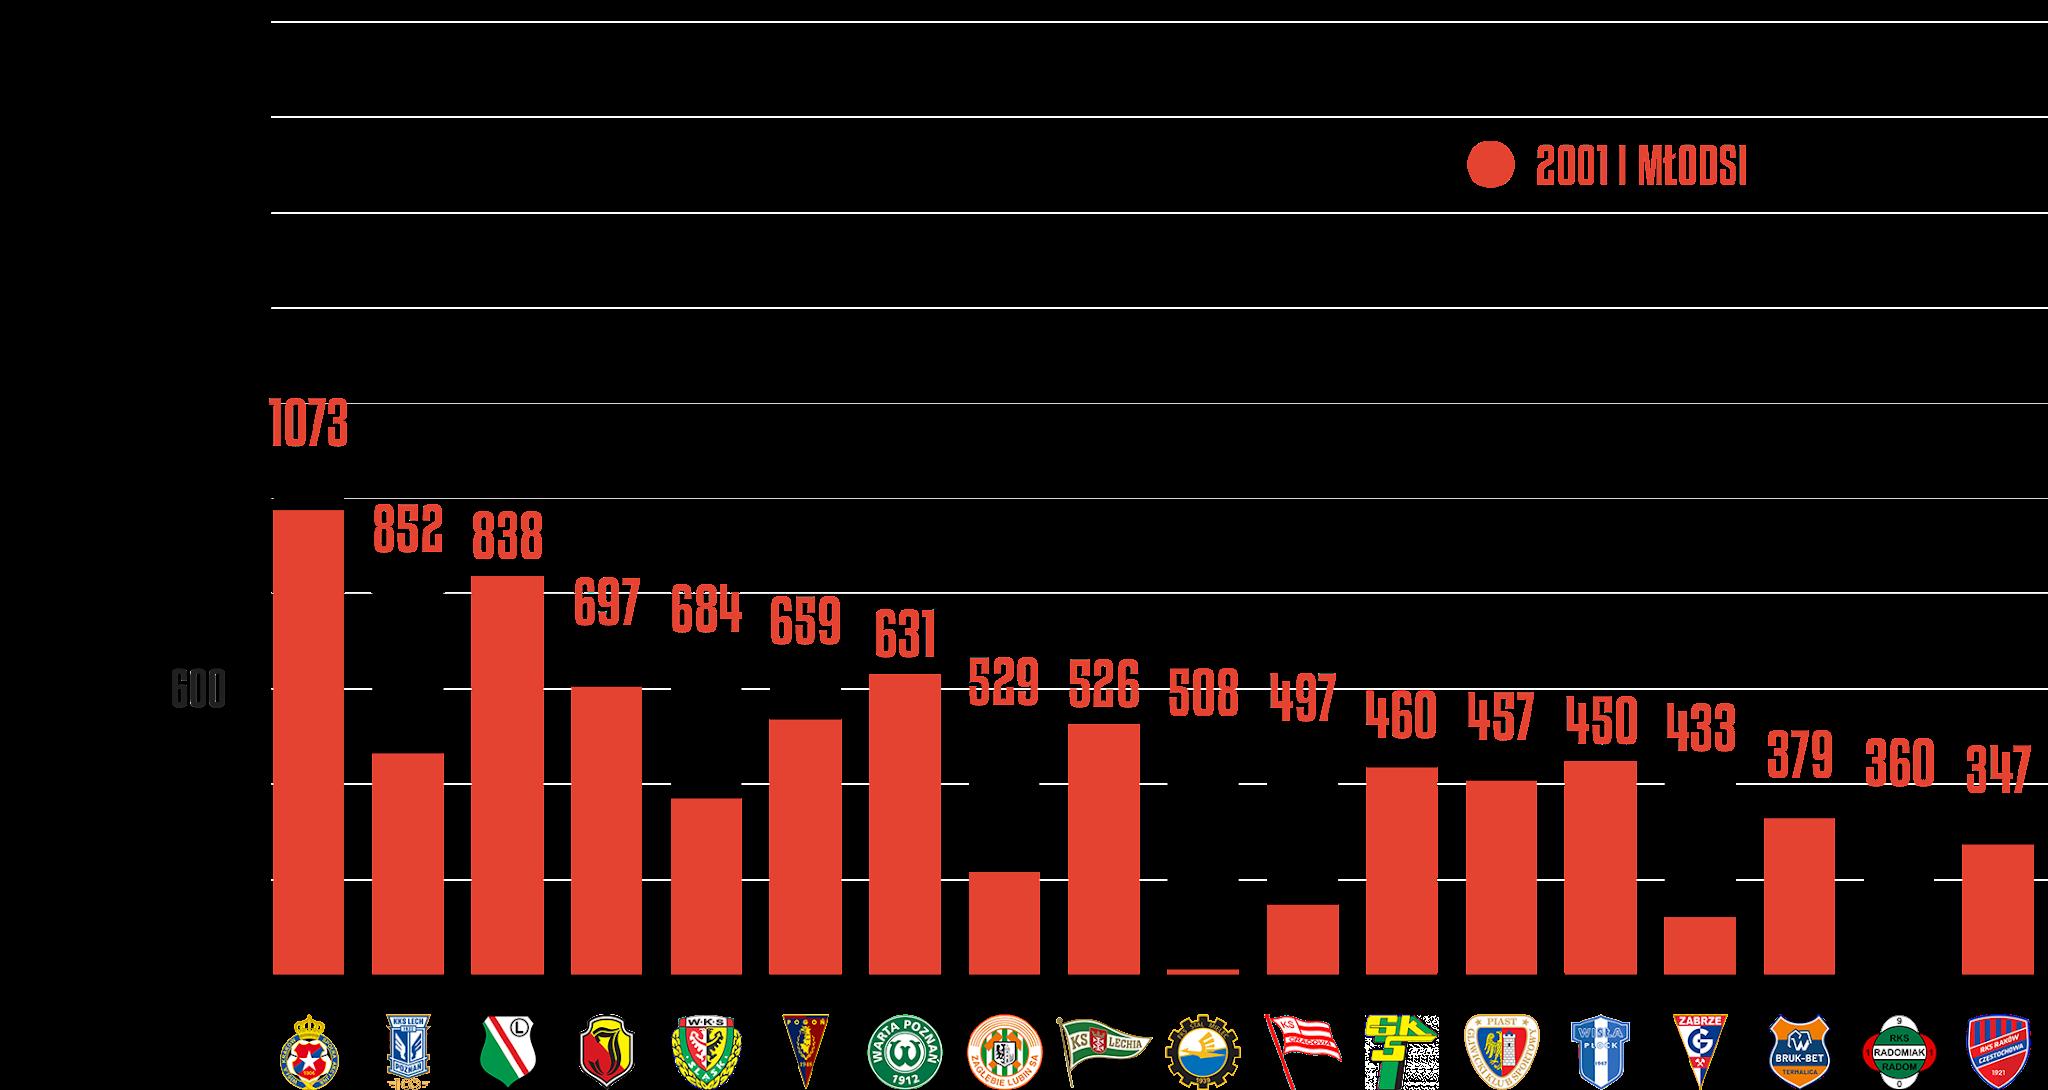 Klasyfikacja klubów pod względem rozegranego czasu przez młodzieżowców po 5.kolejce PKO Ekstraklasy<br><br>Źródło: Opracowanie własne na podstawie ekstrastats.pl<br><br>graf. Bartosz Urban